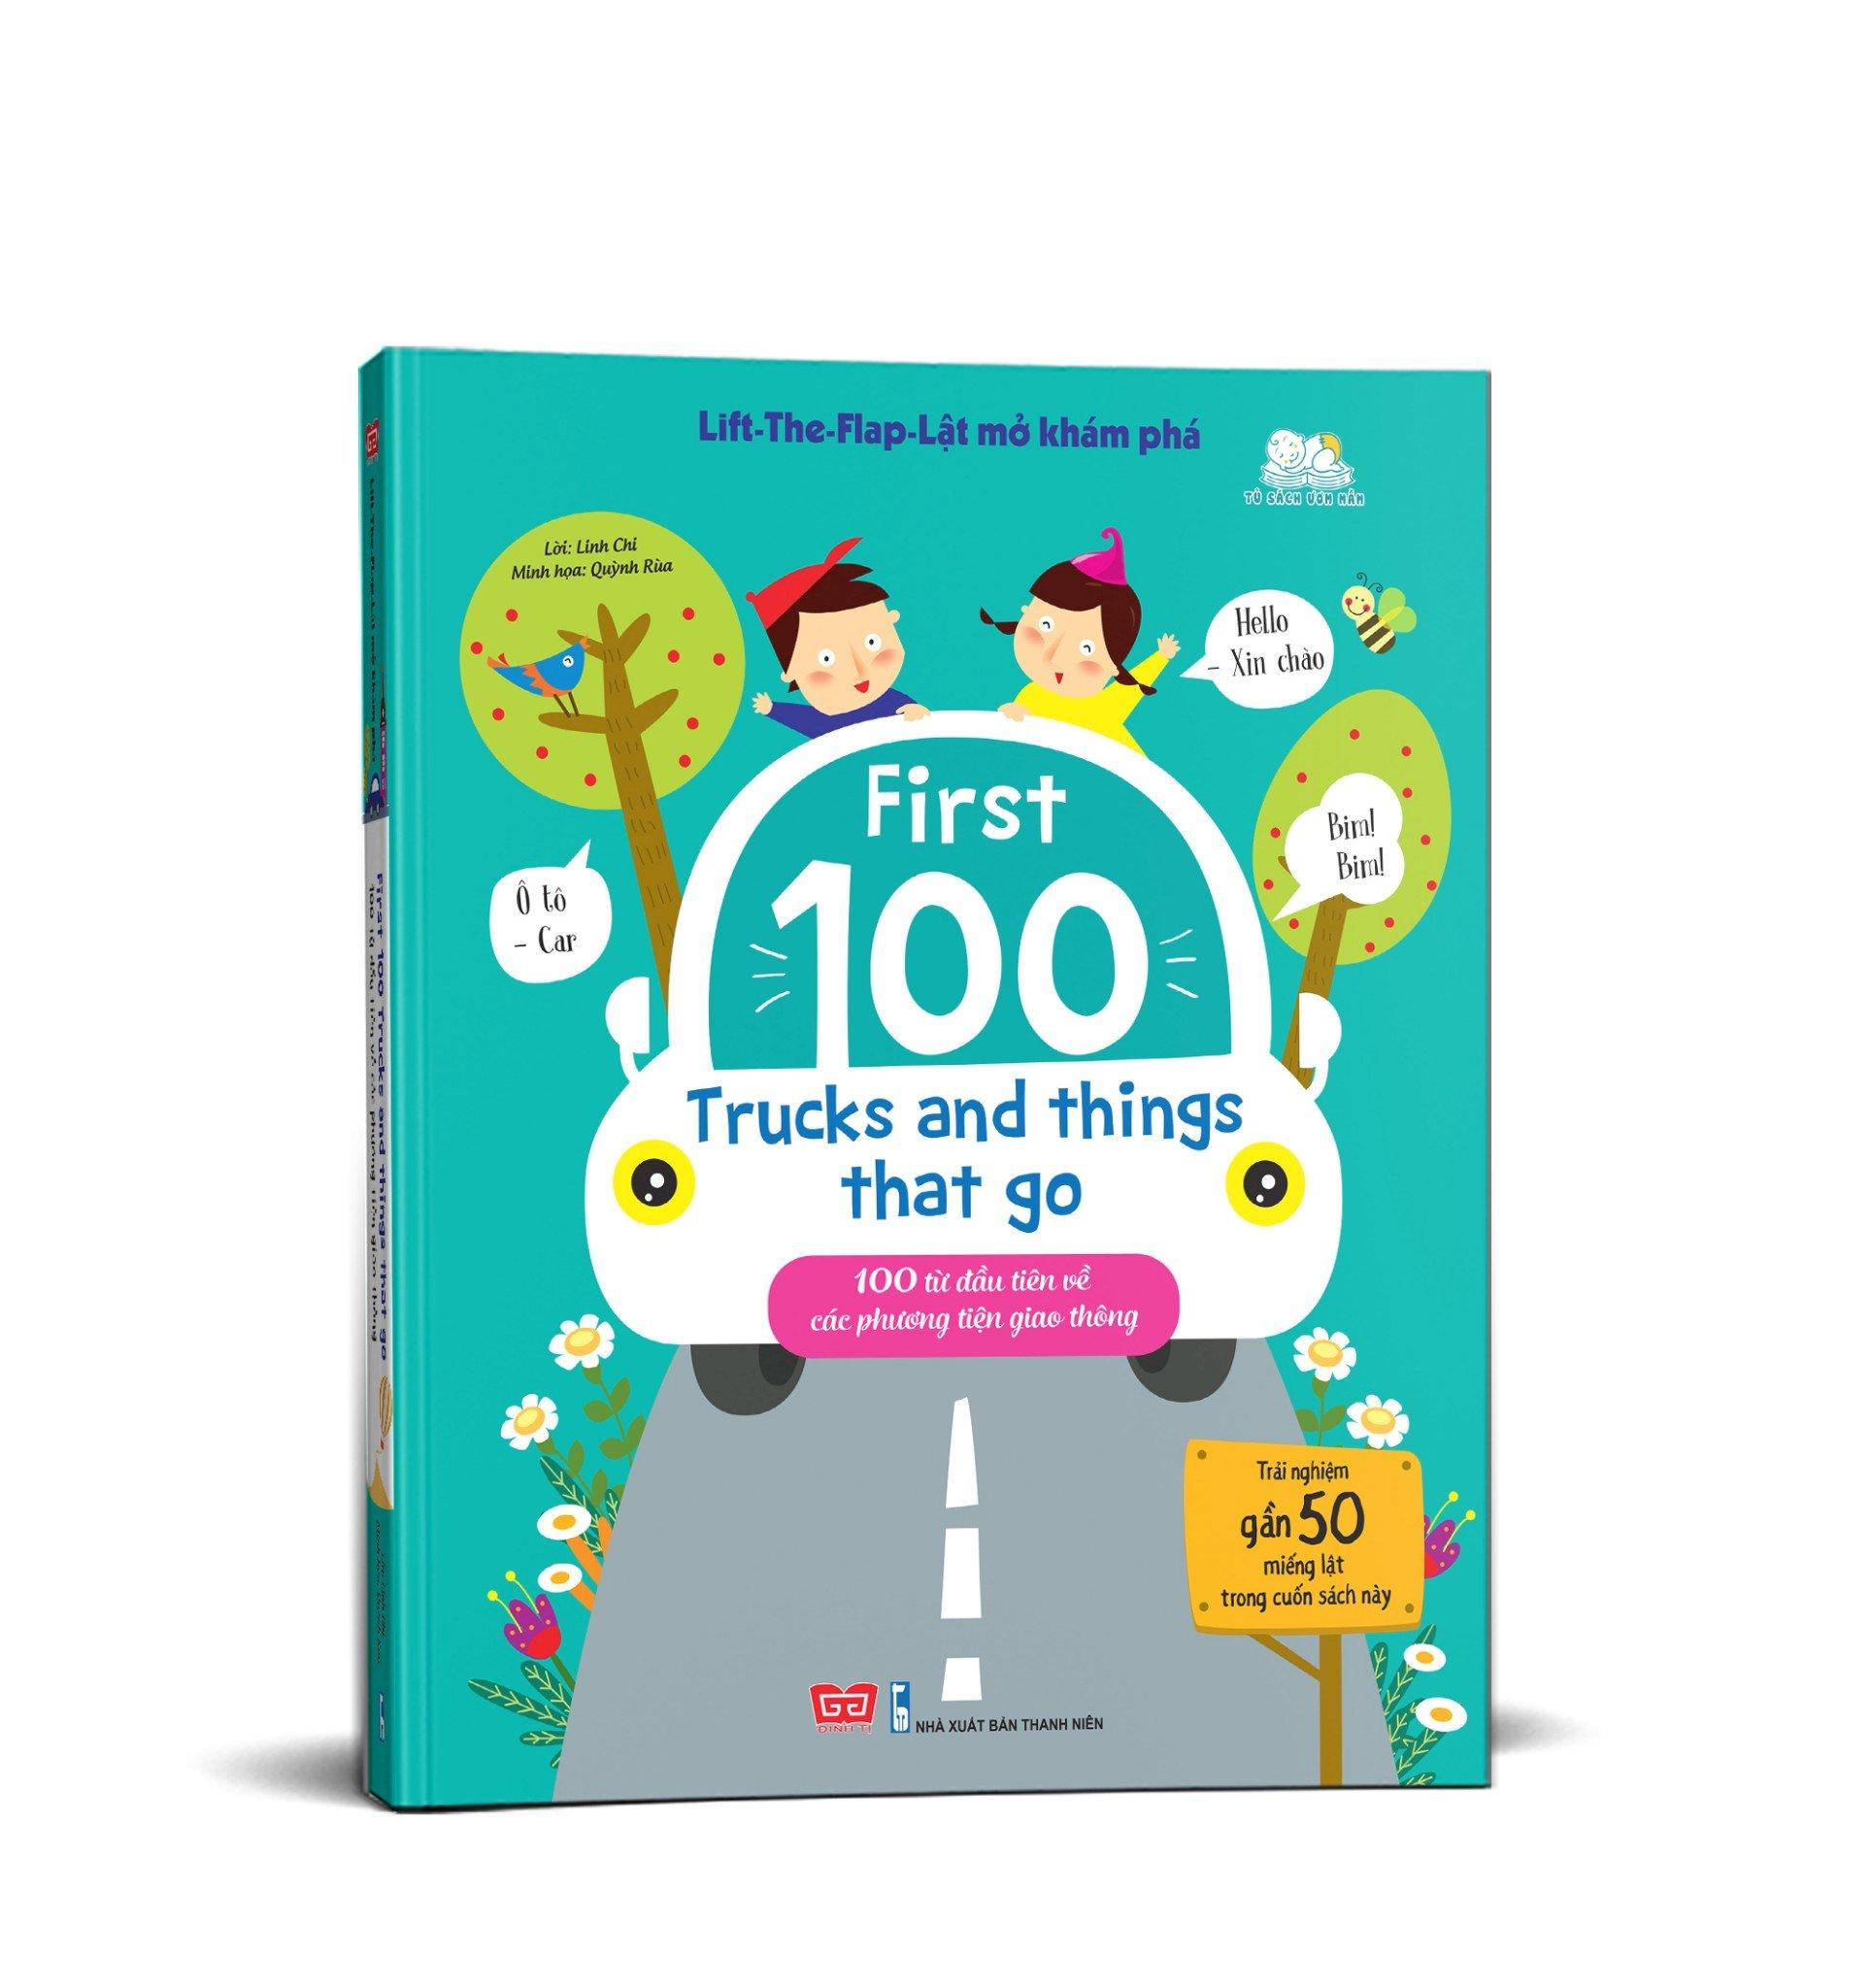 Lift-The-Flap-Lật mở khám phá - First 100 Trucks and things that go - 100 từ đầu tiên về các phương tiện giao thông